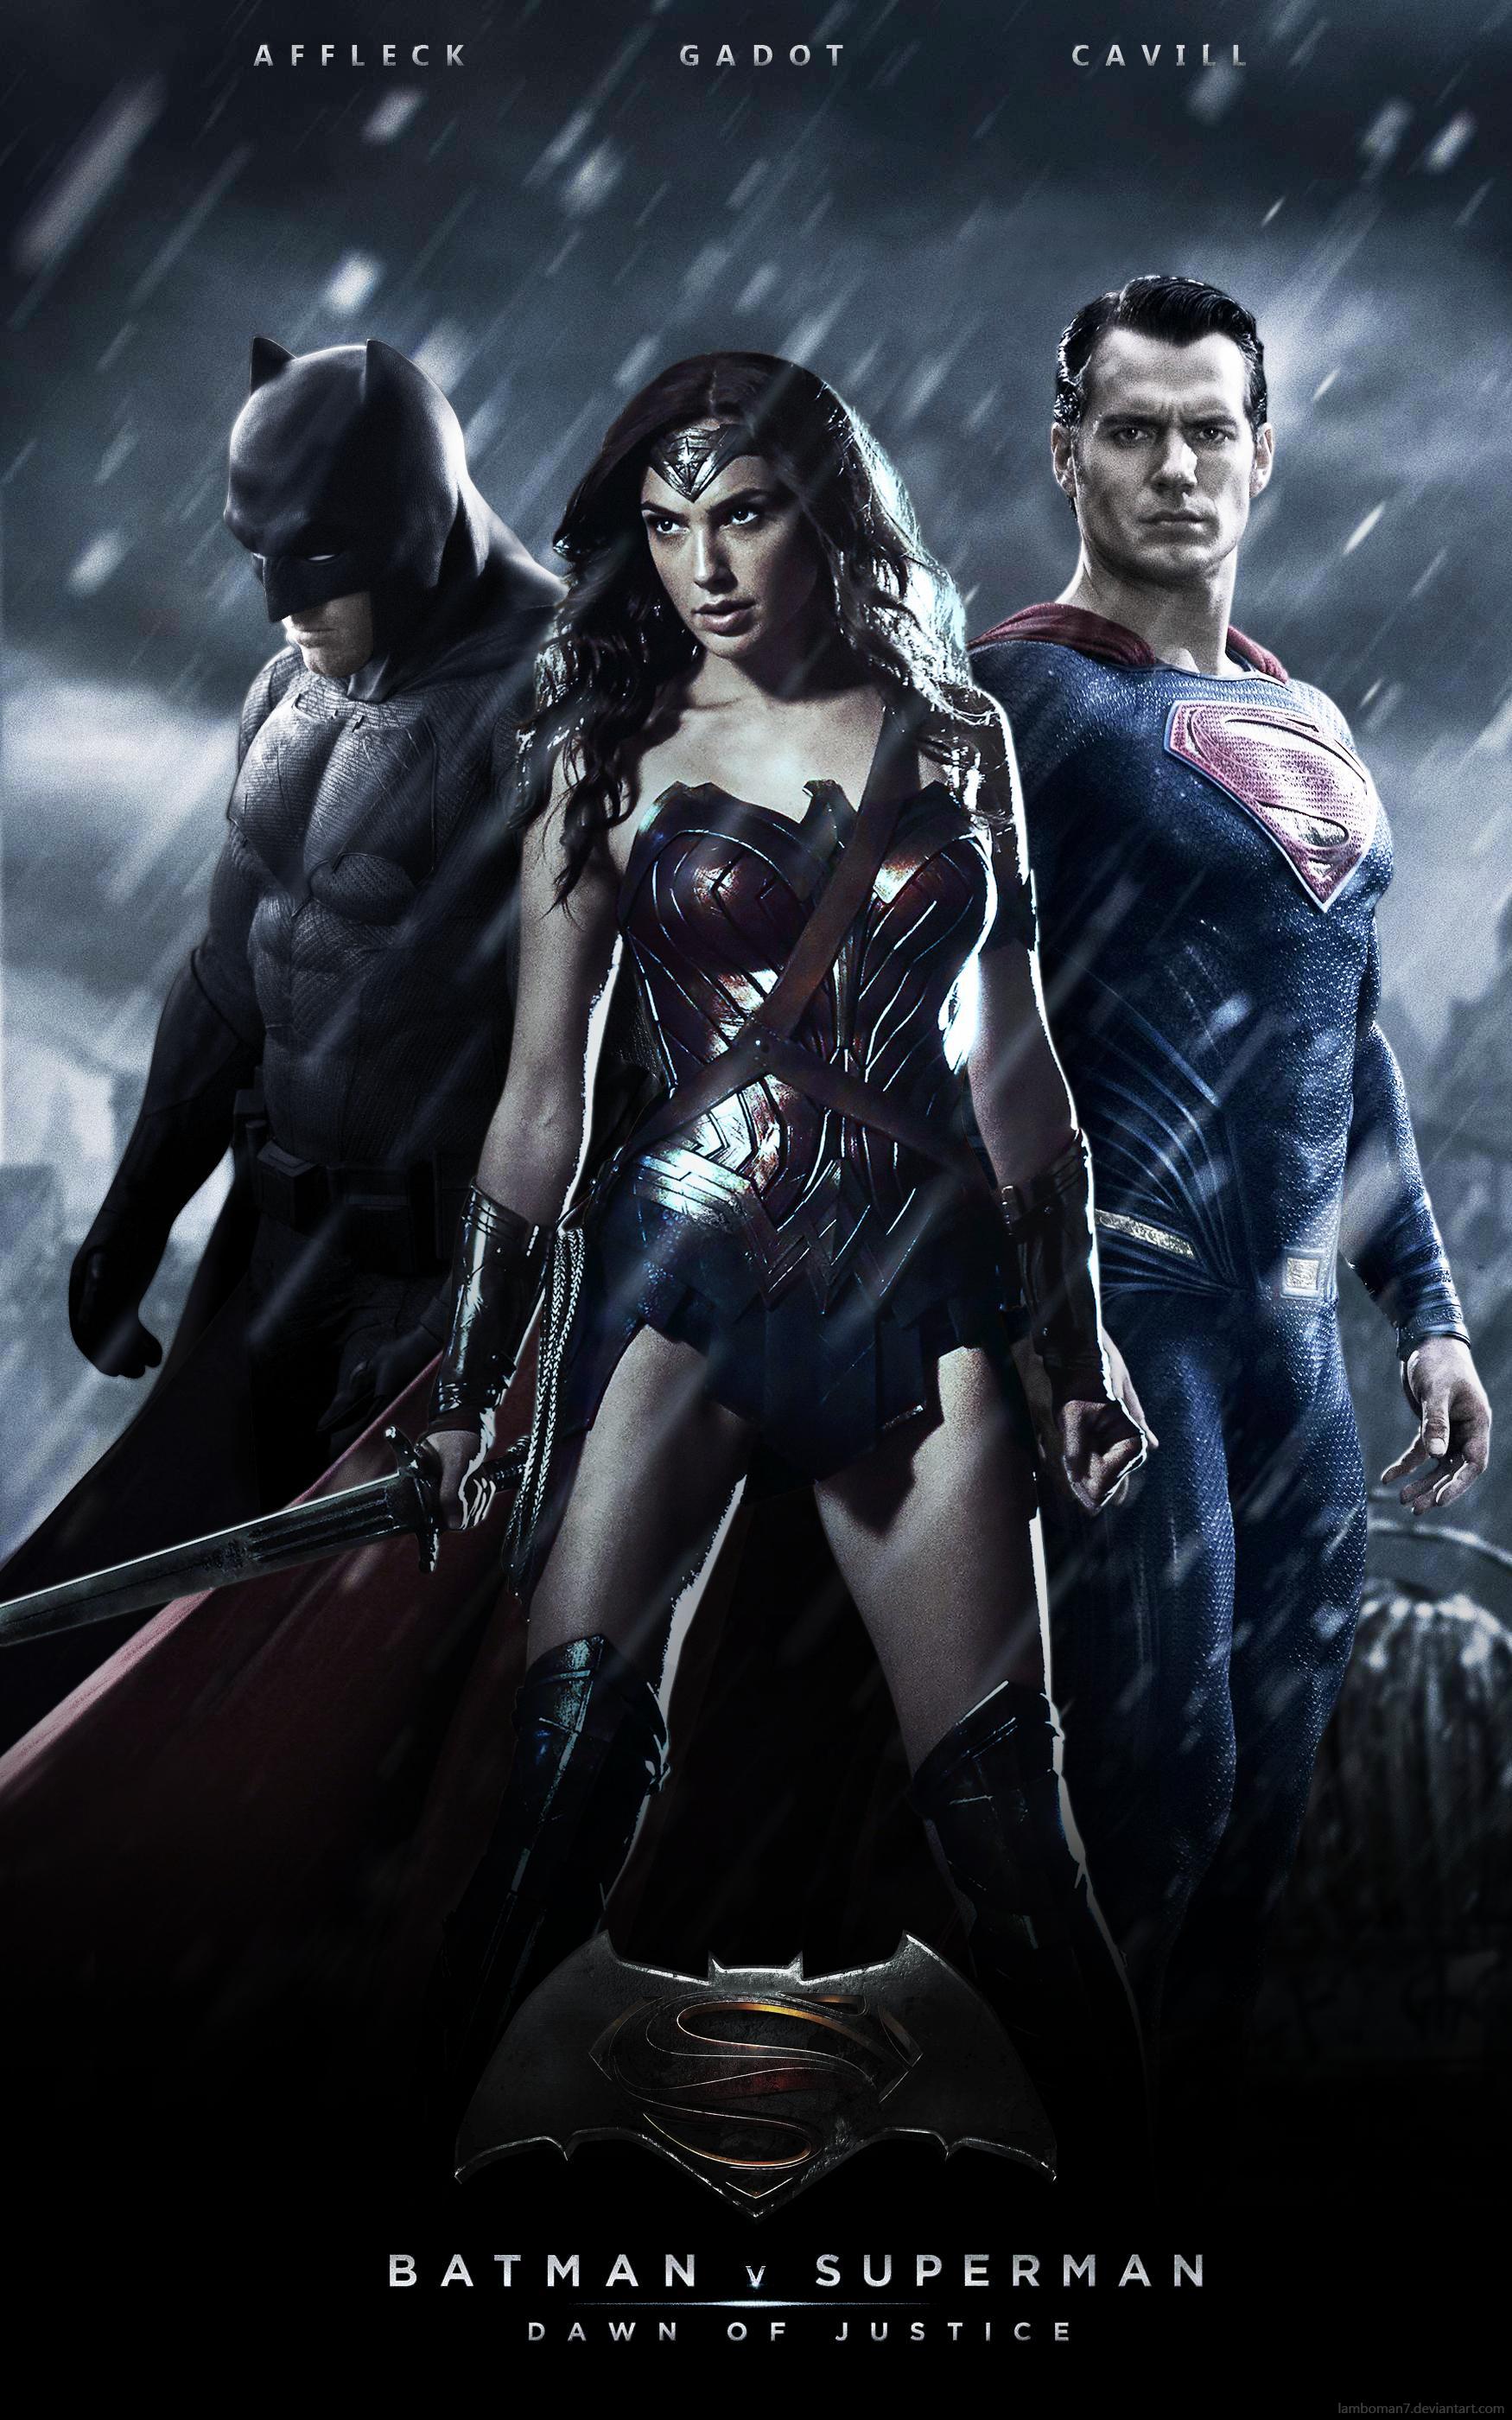 """《蝙蝠侠大战超人》发布全新预告 大BOSS""""毁灭日""""登场 蝙超联手抗敌"""